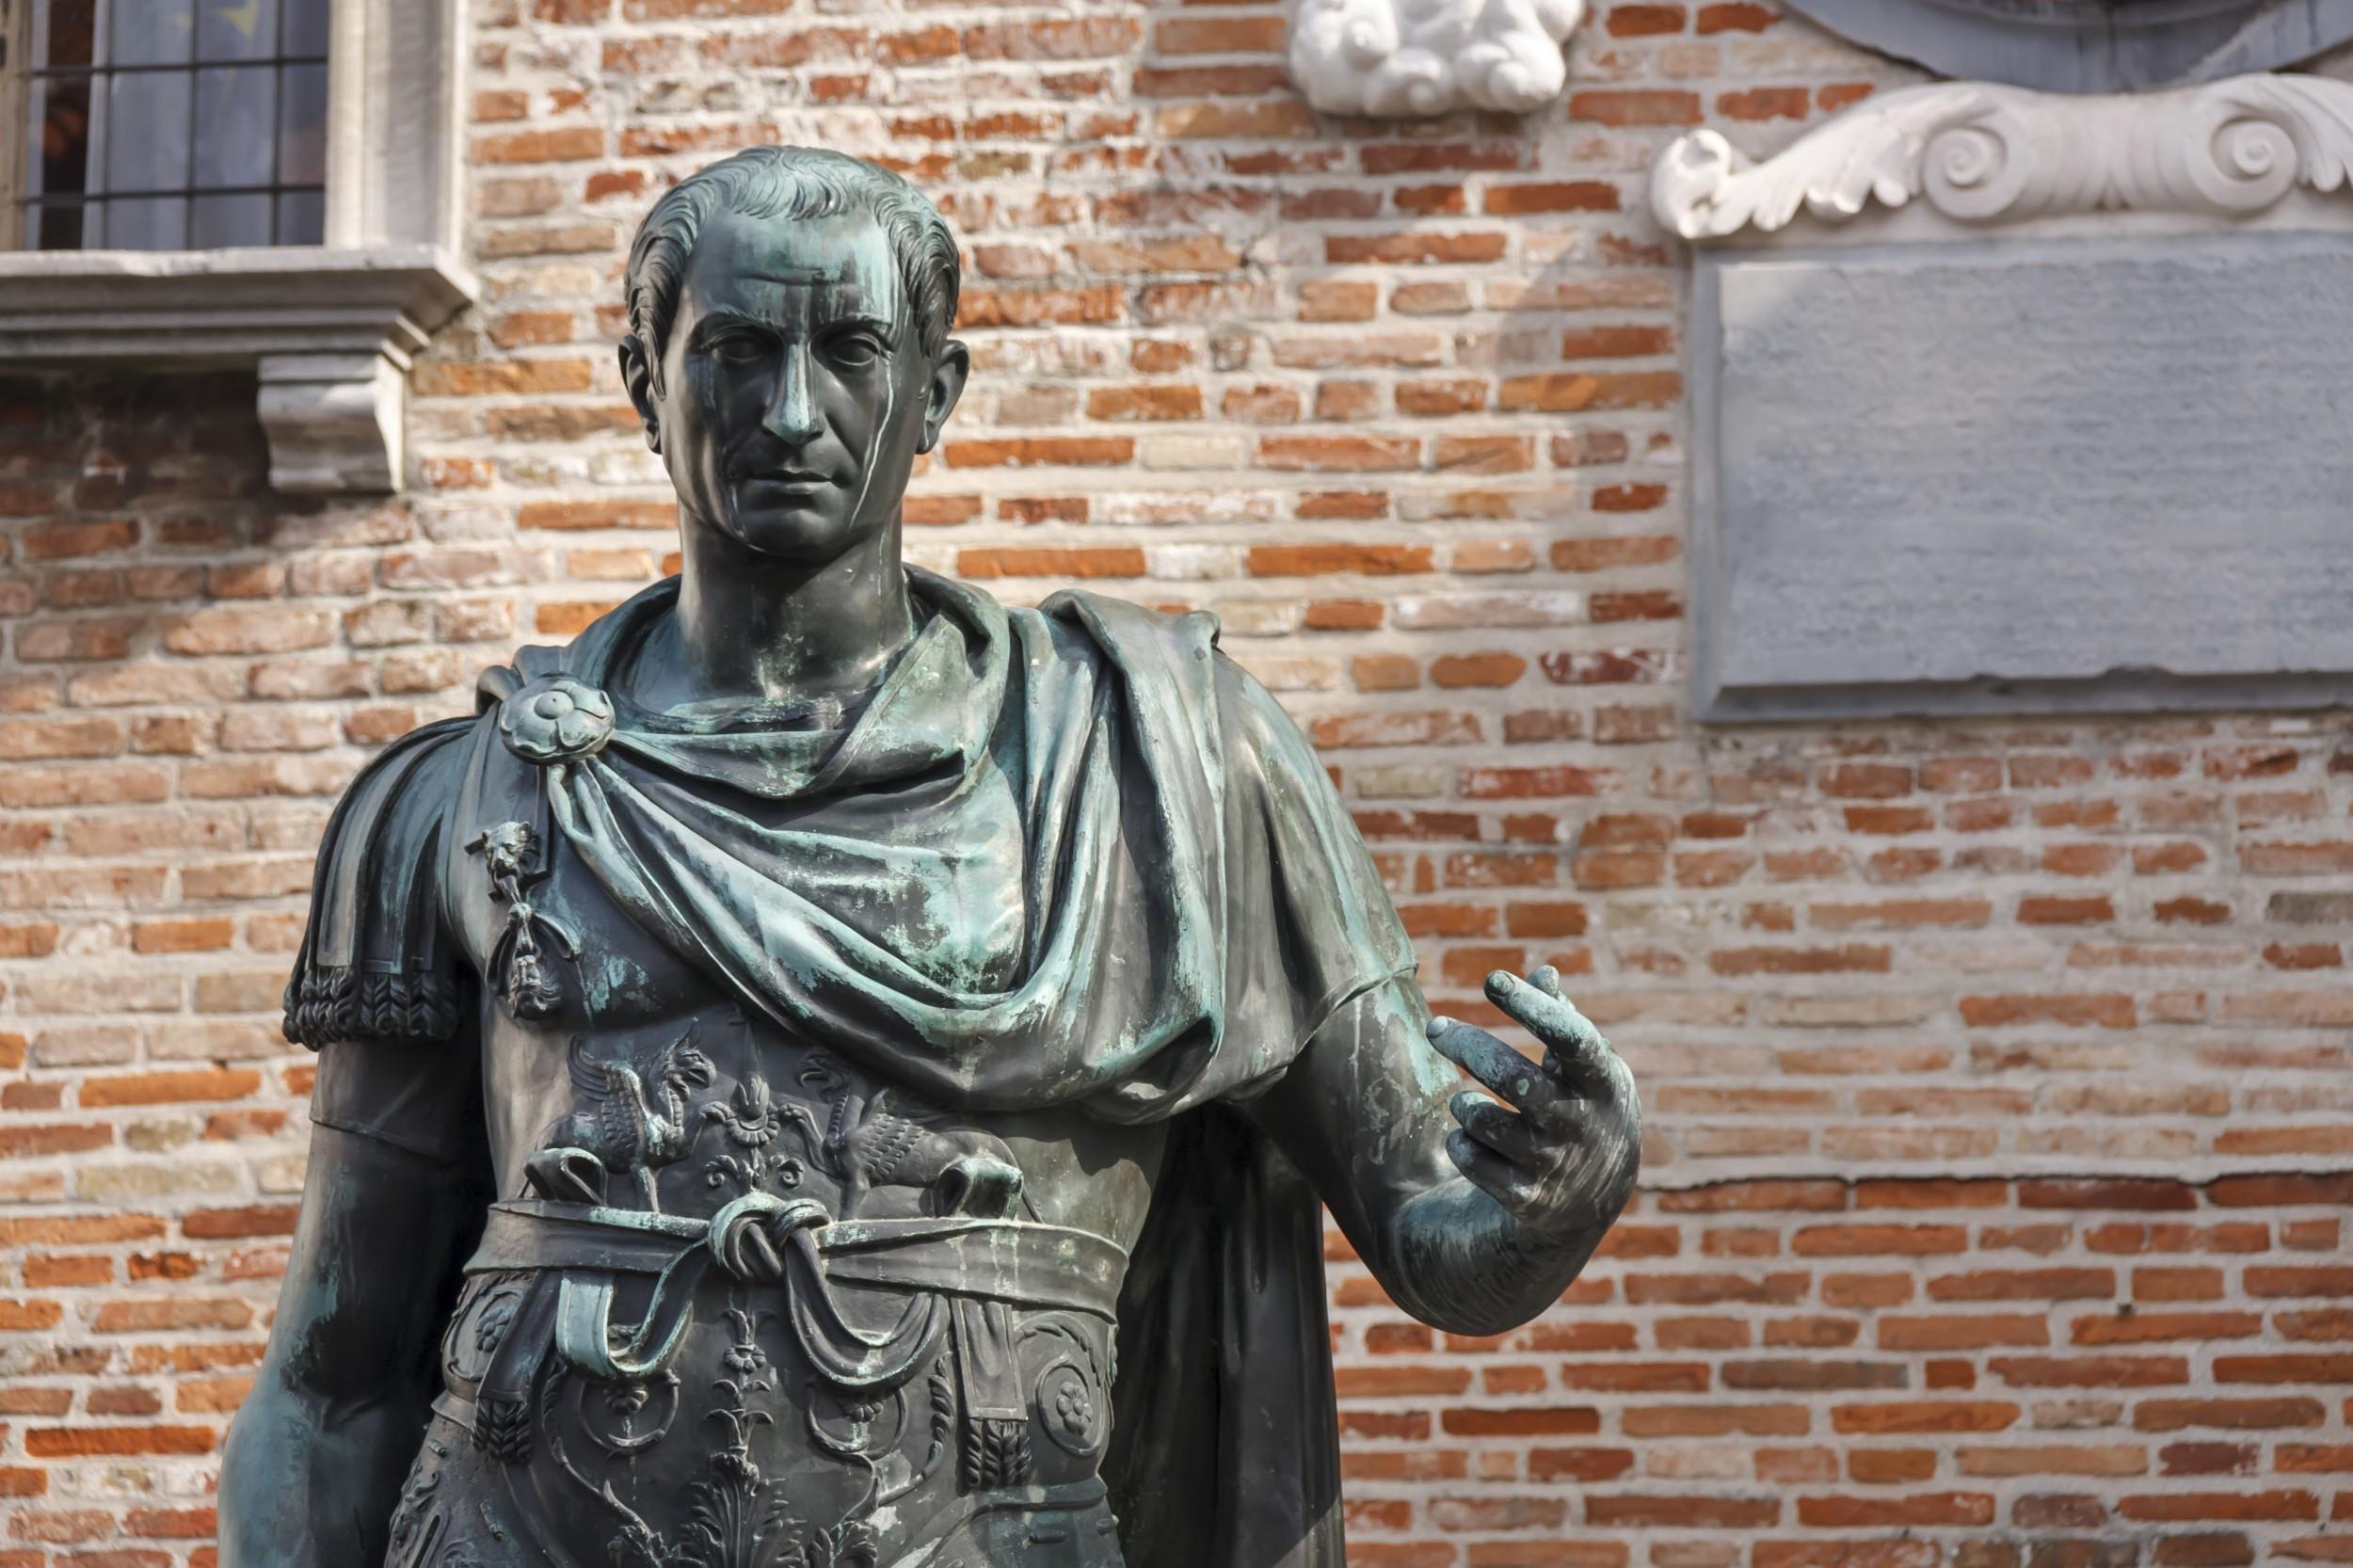 Júlio César - Biografia do Imperador Romano - História ...